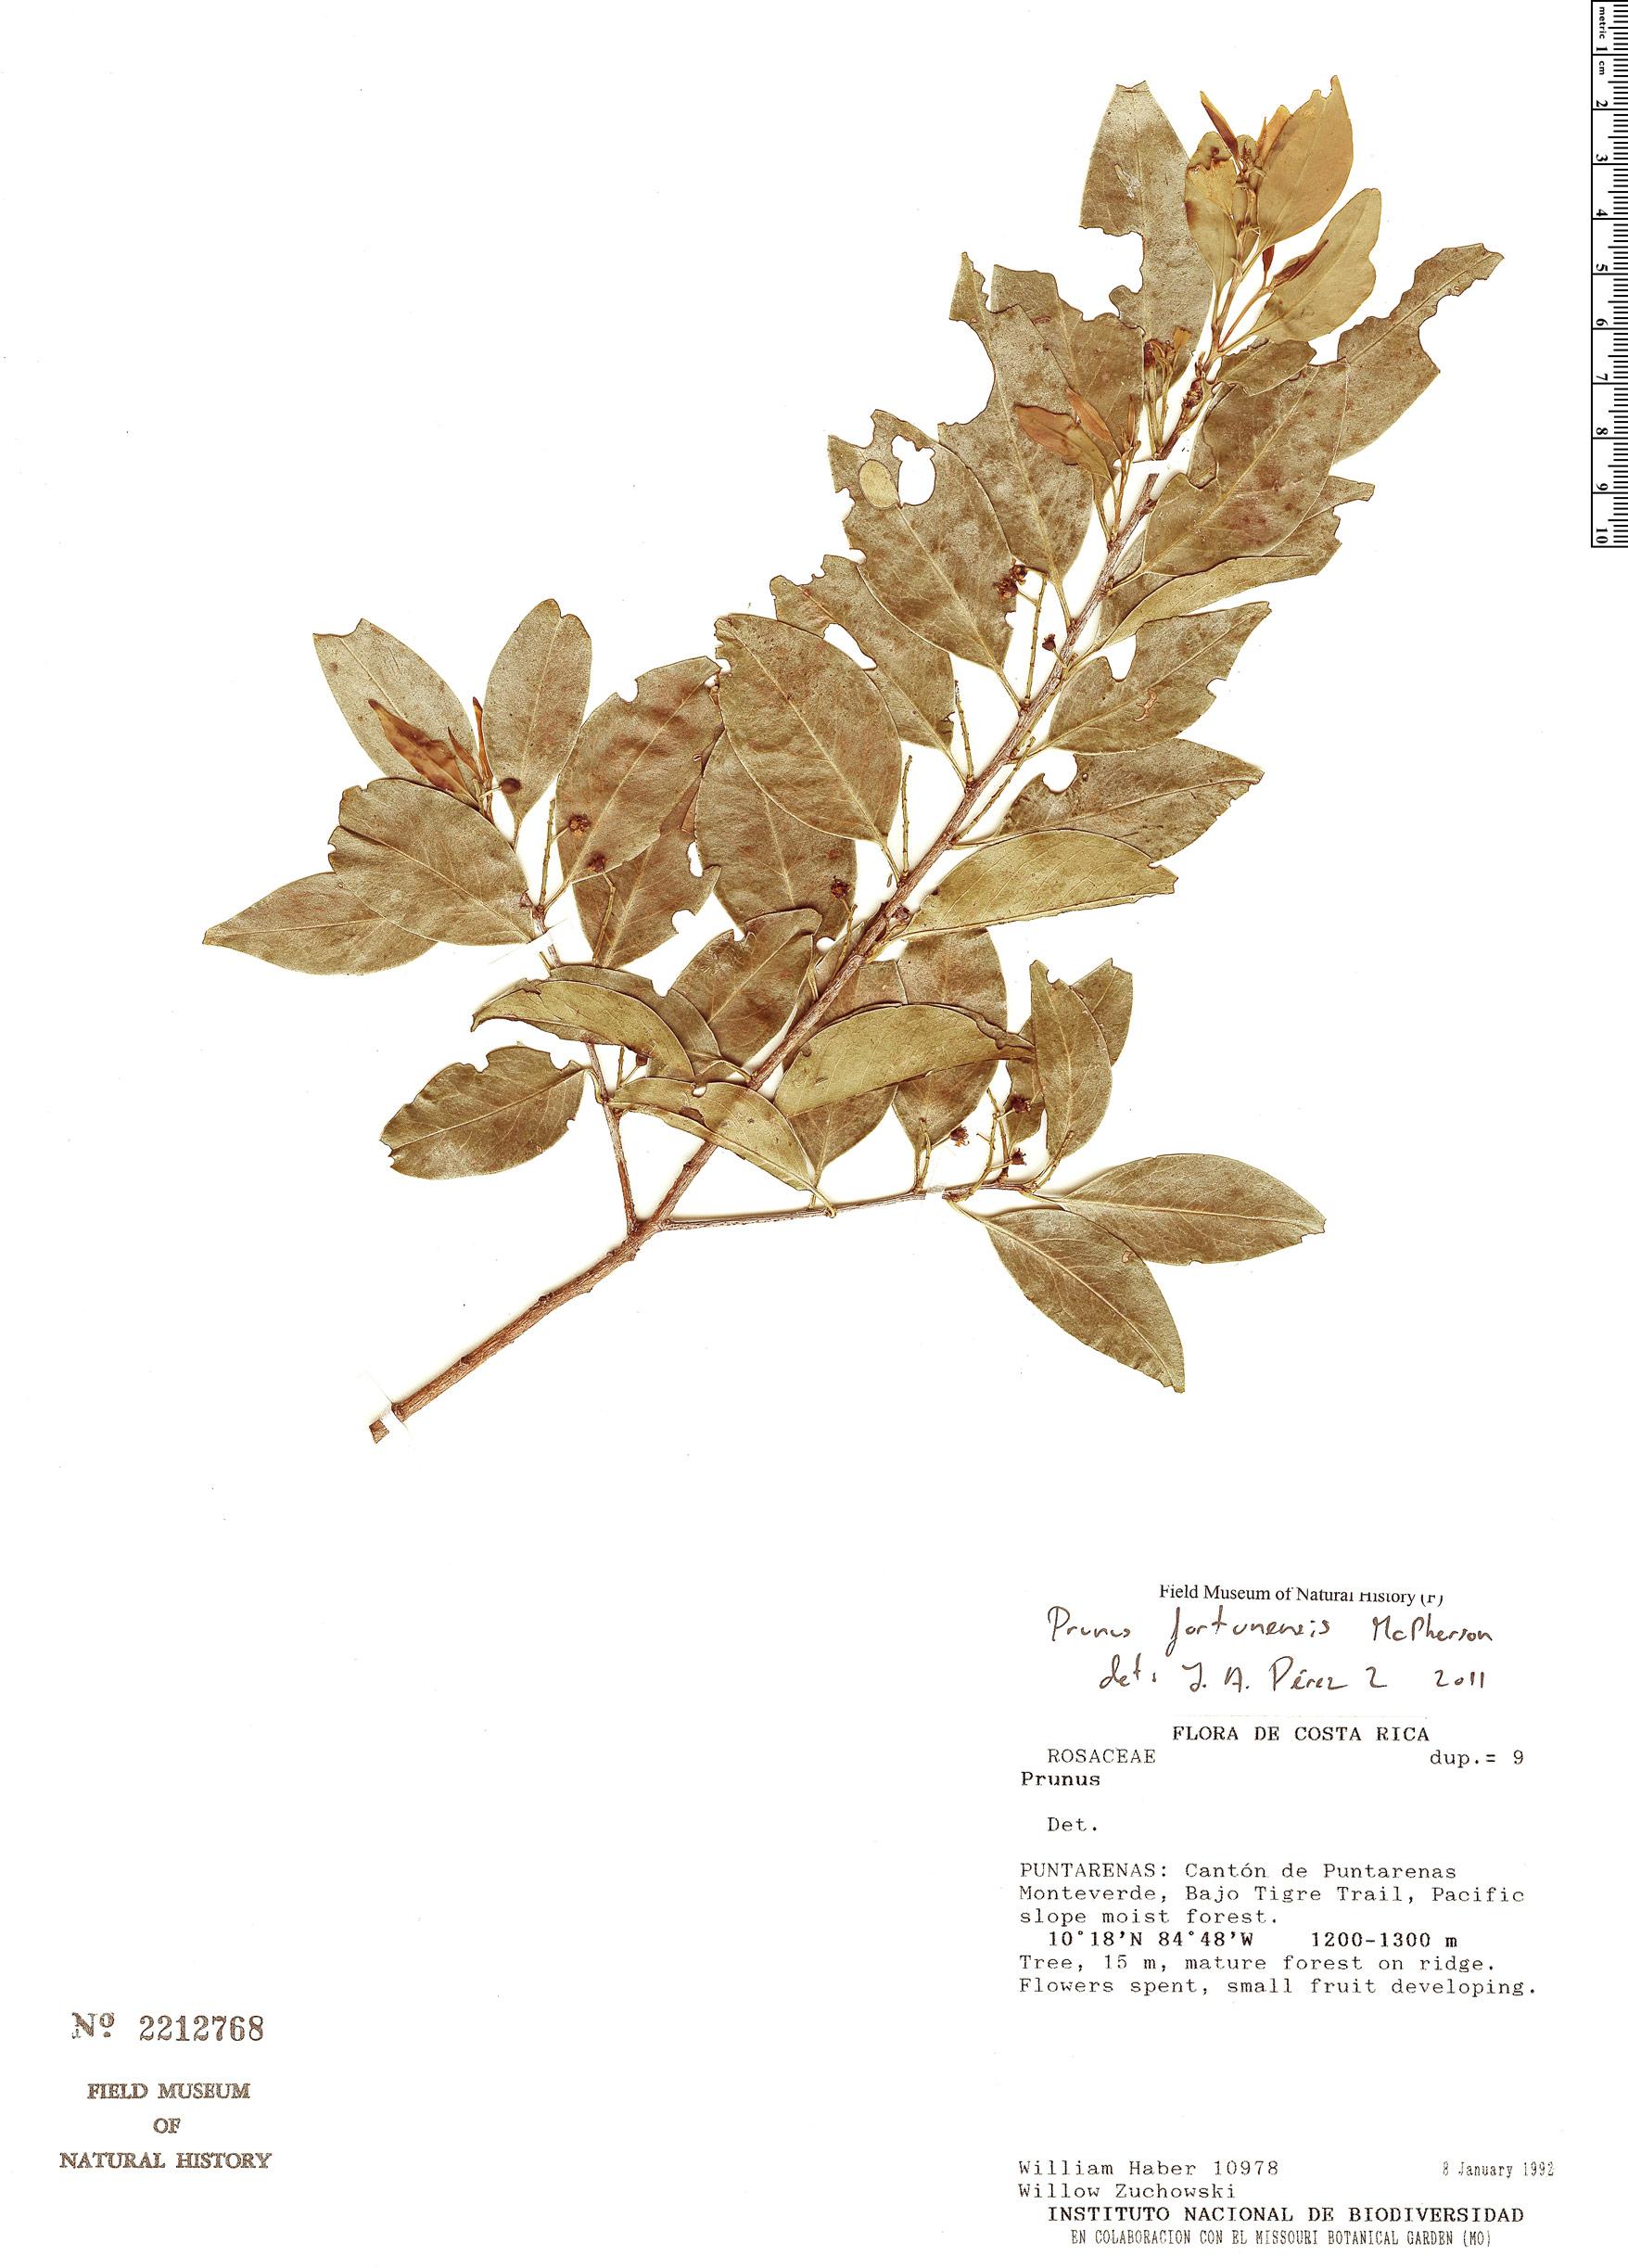 Specimen: Prunus fortunensis